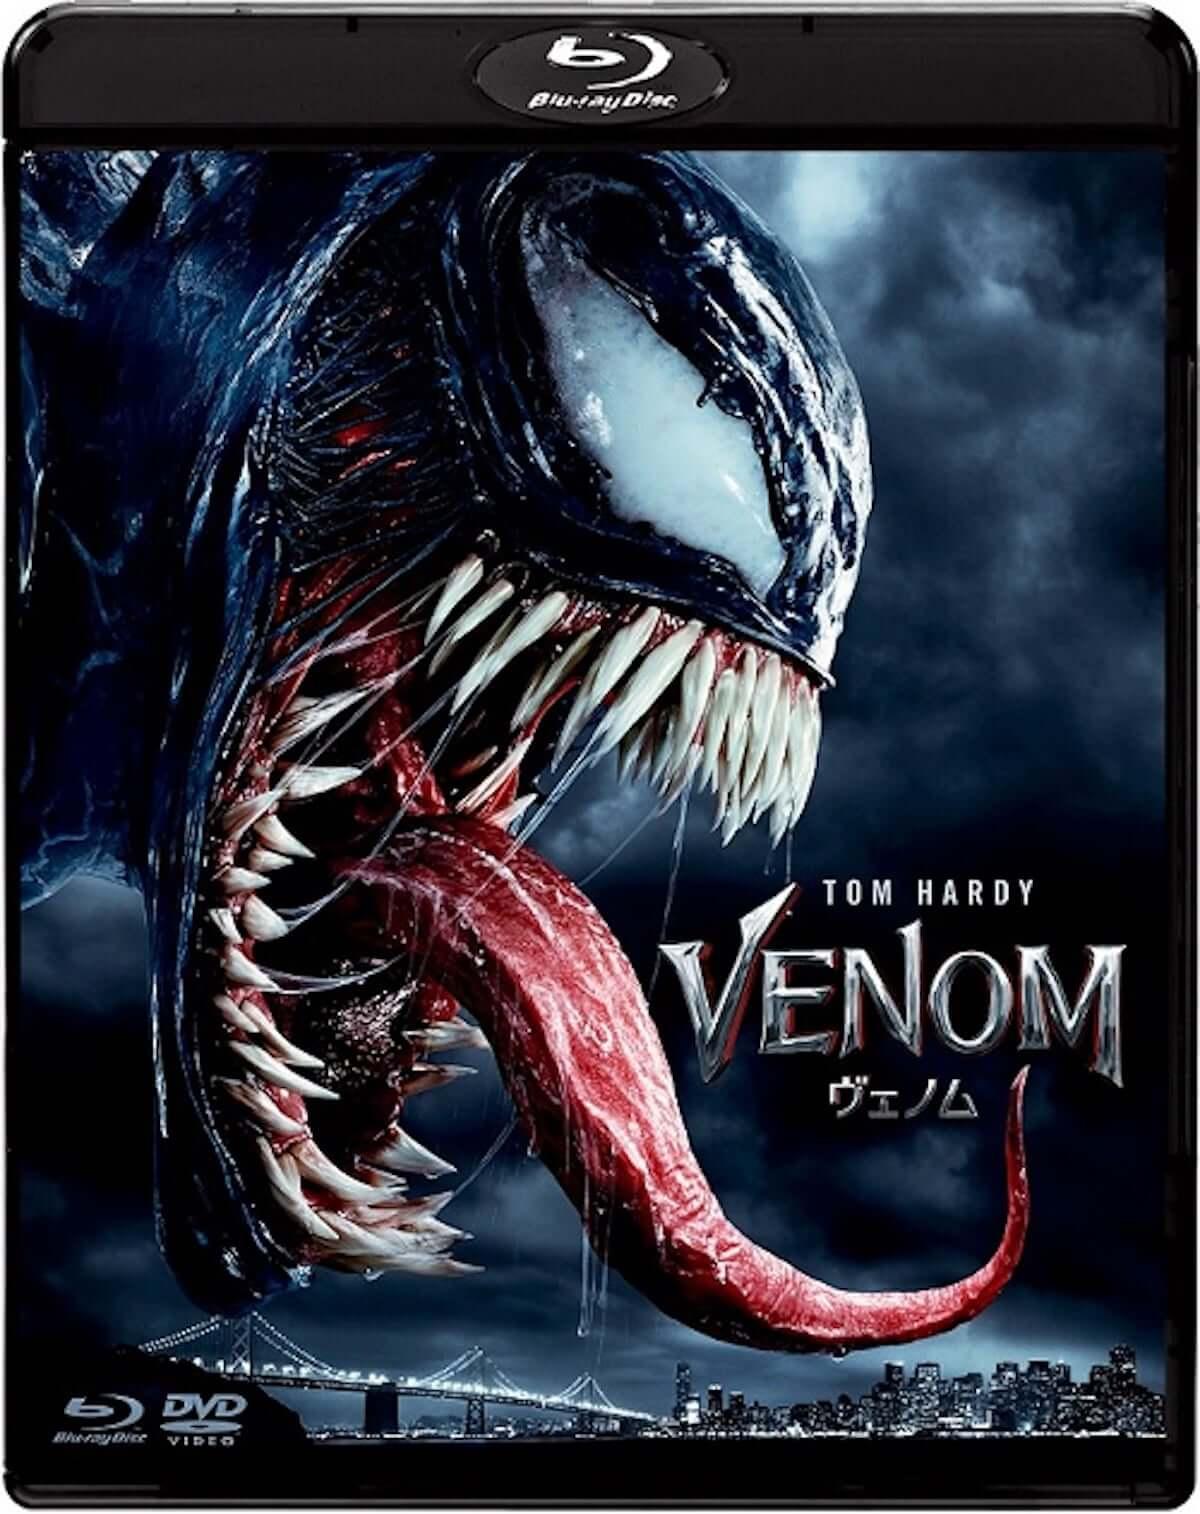 マーベル映画『ヴェノム』の続編が今年11月から製作スタート|新ディレクター候補を検討中 film190304_venom_1-1200x1514